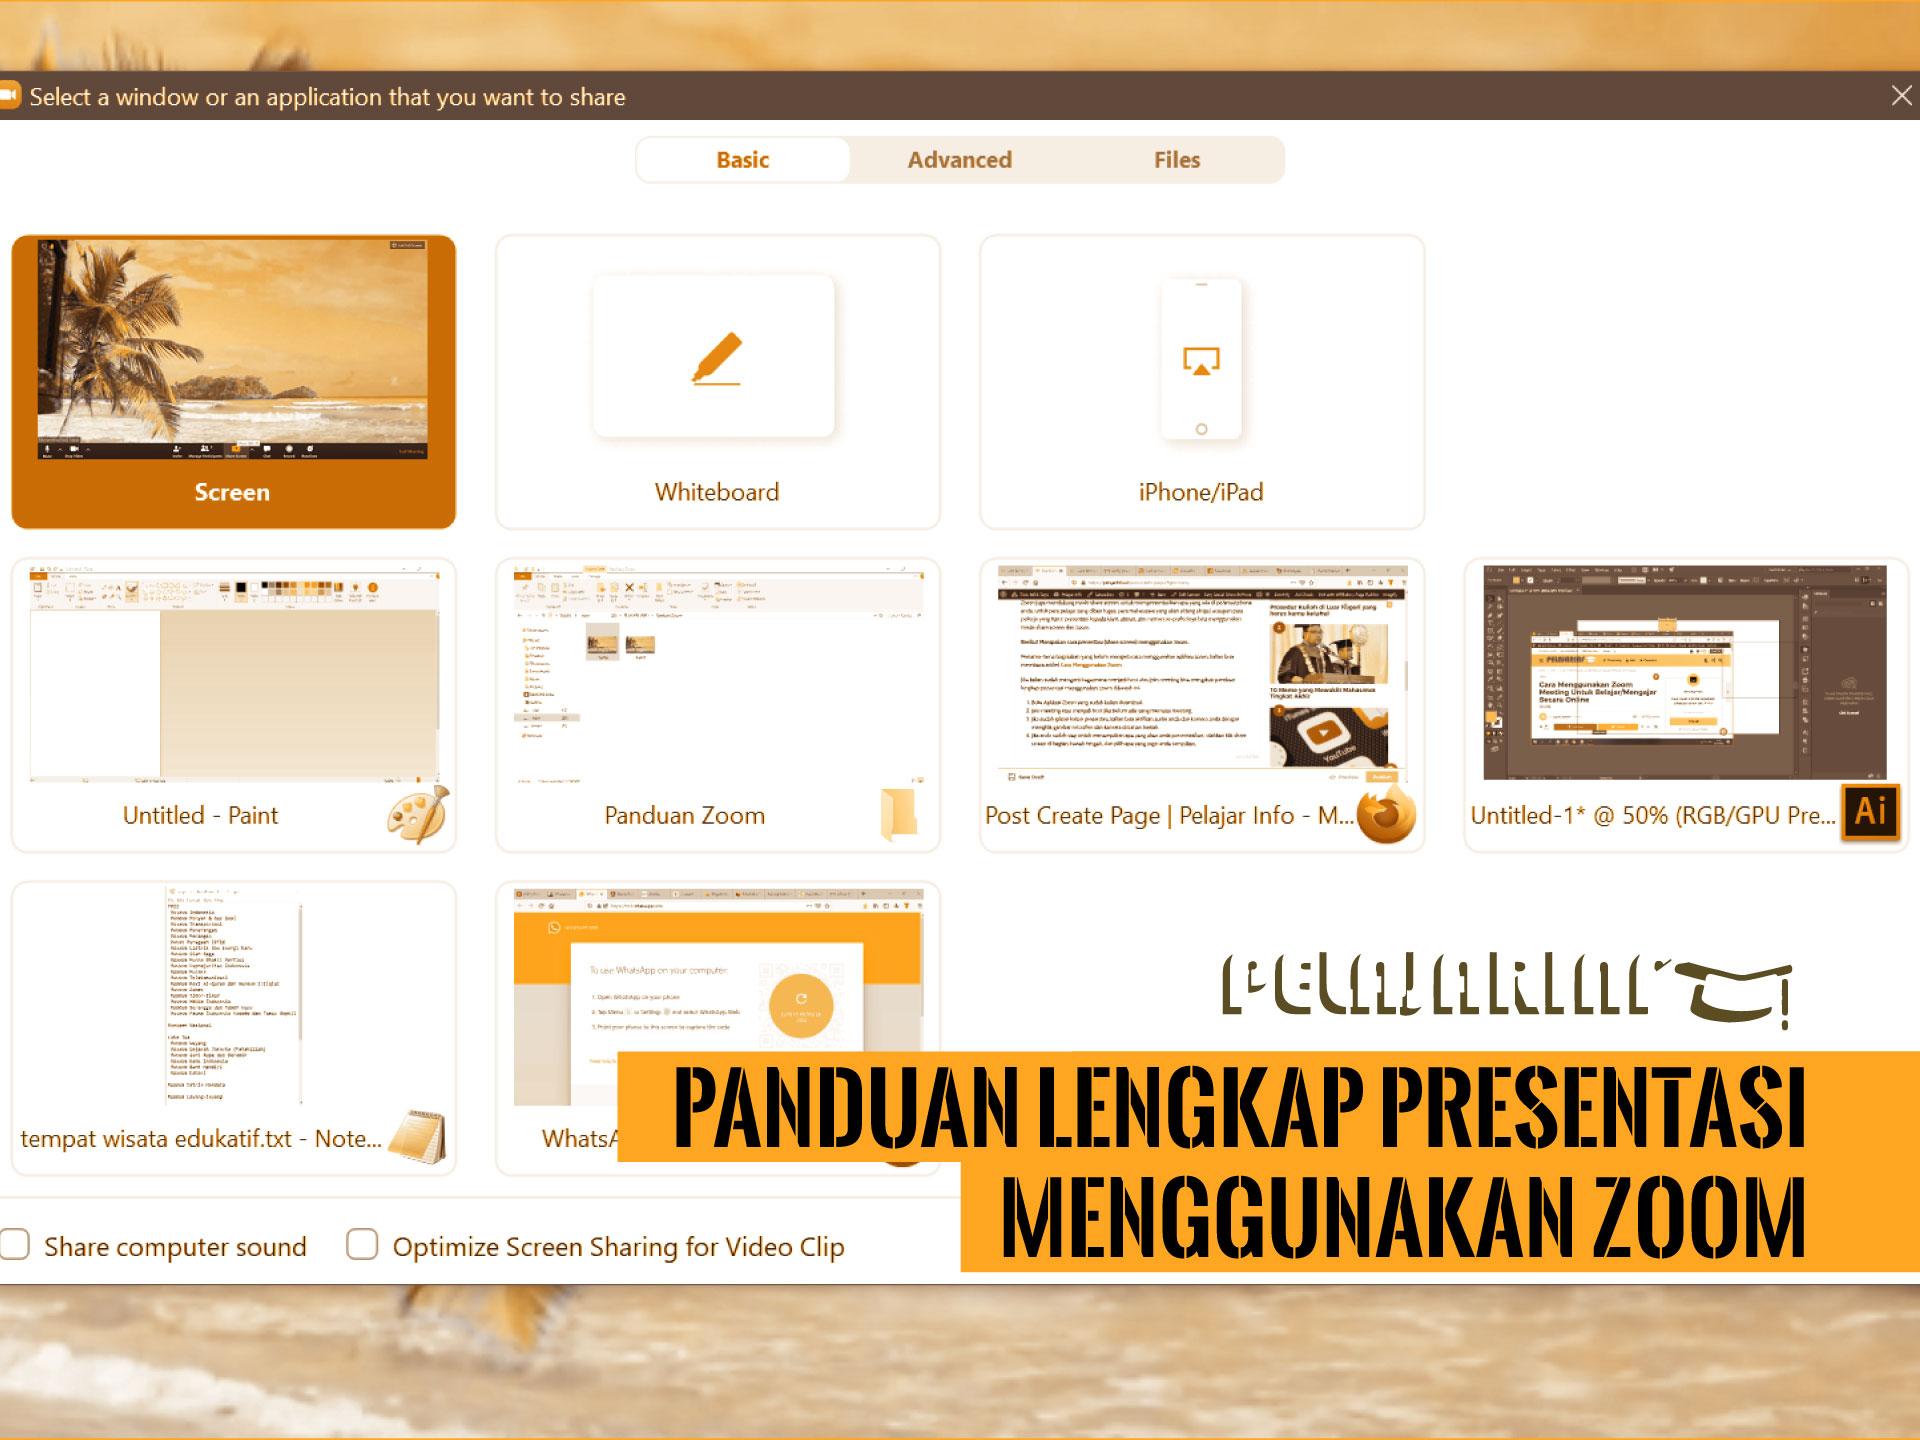 Panduan Lengkap Presentasi Menggunakan Zoom Pelajar Info